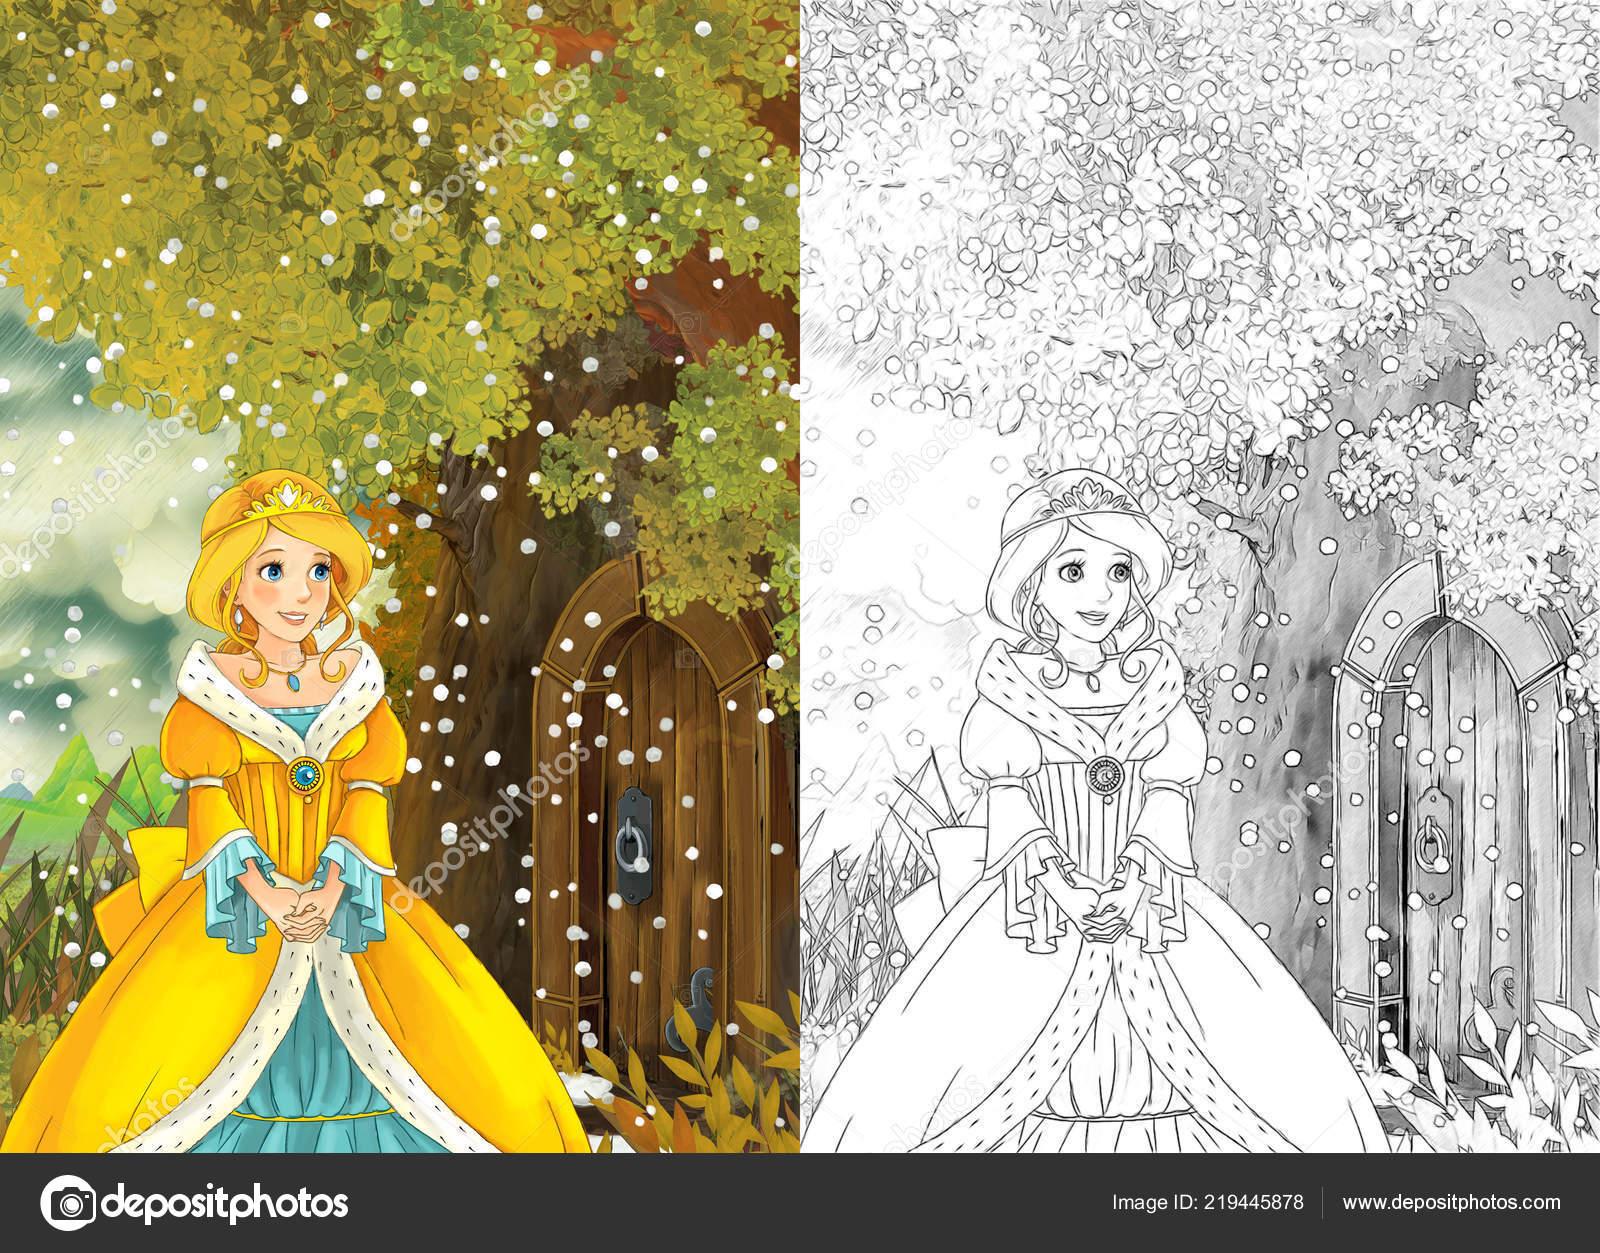 Kreslene Pohadky Scena Princeznou Mlada Divka Jde Domu Strome Behem